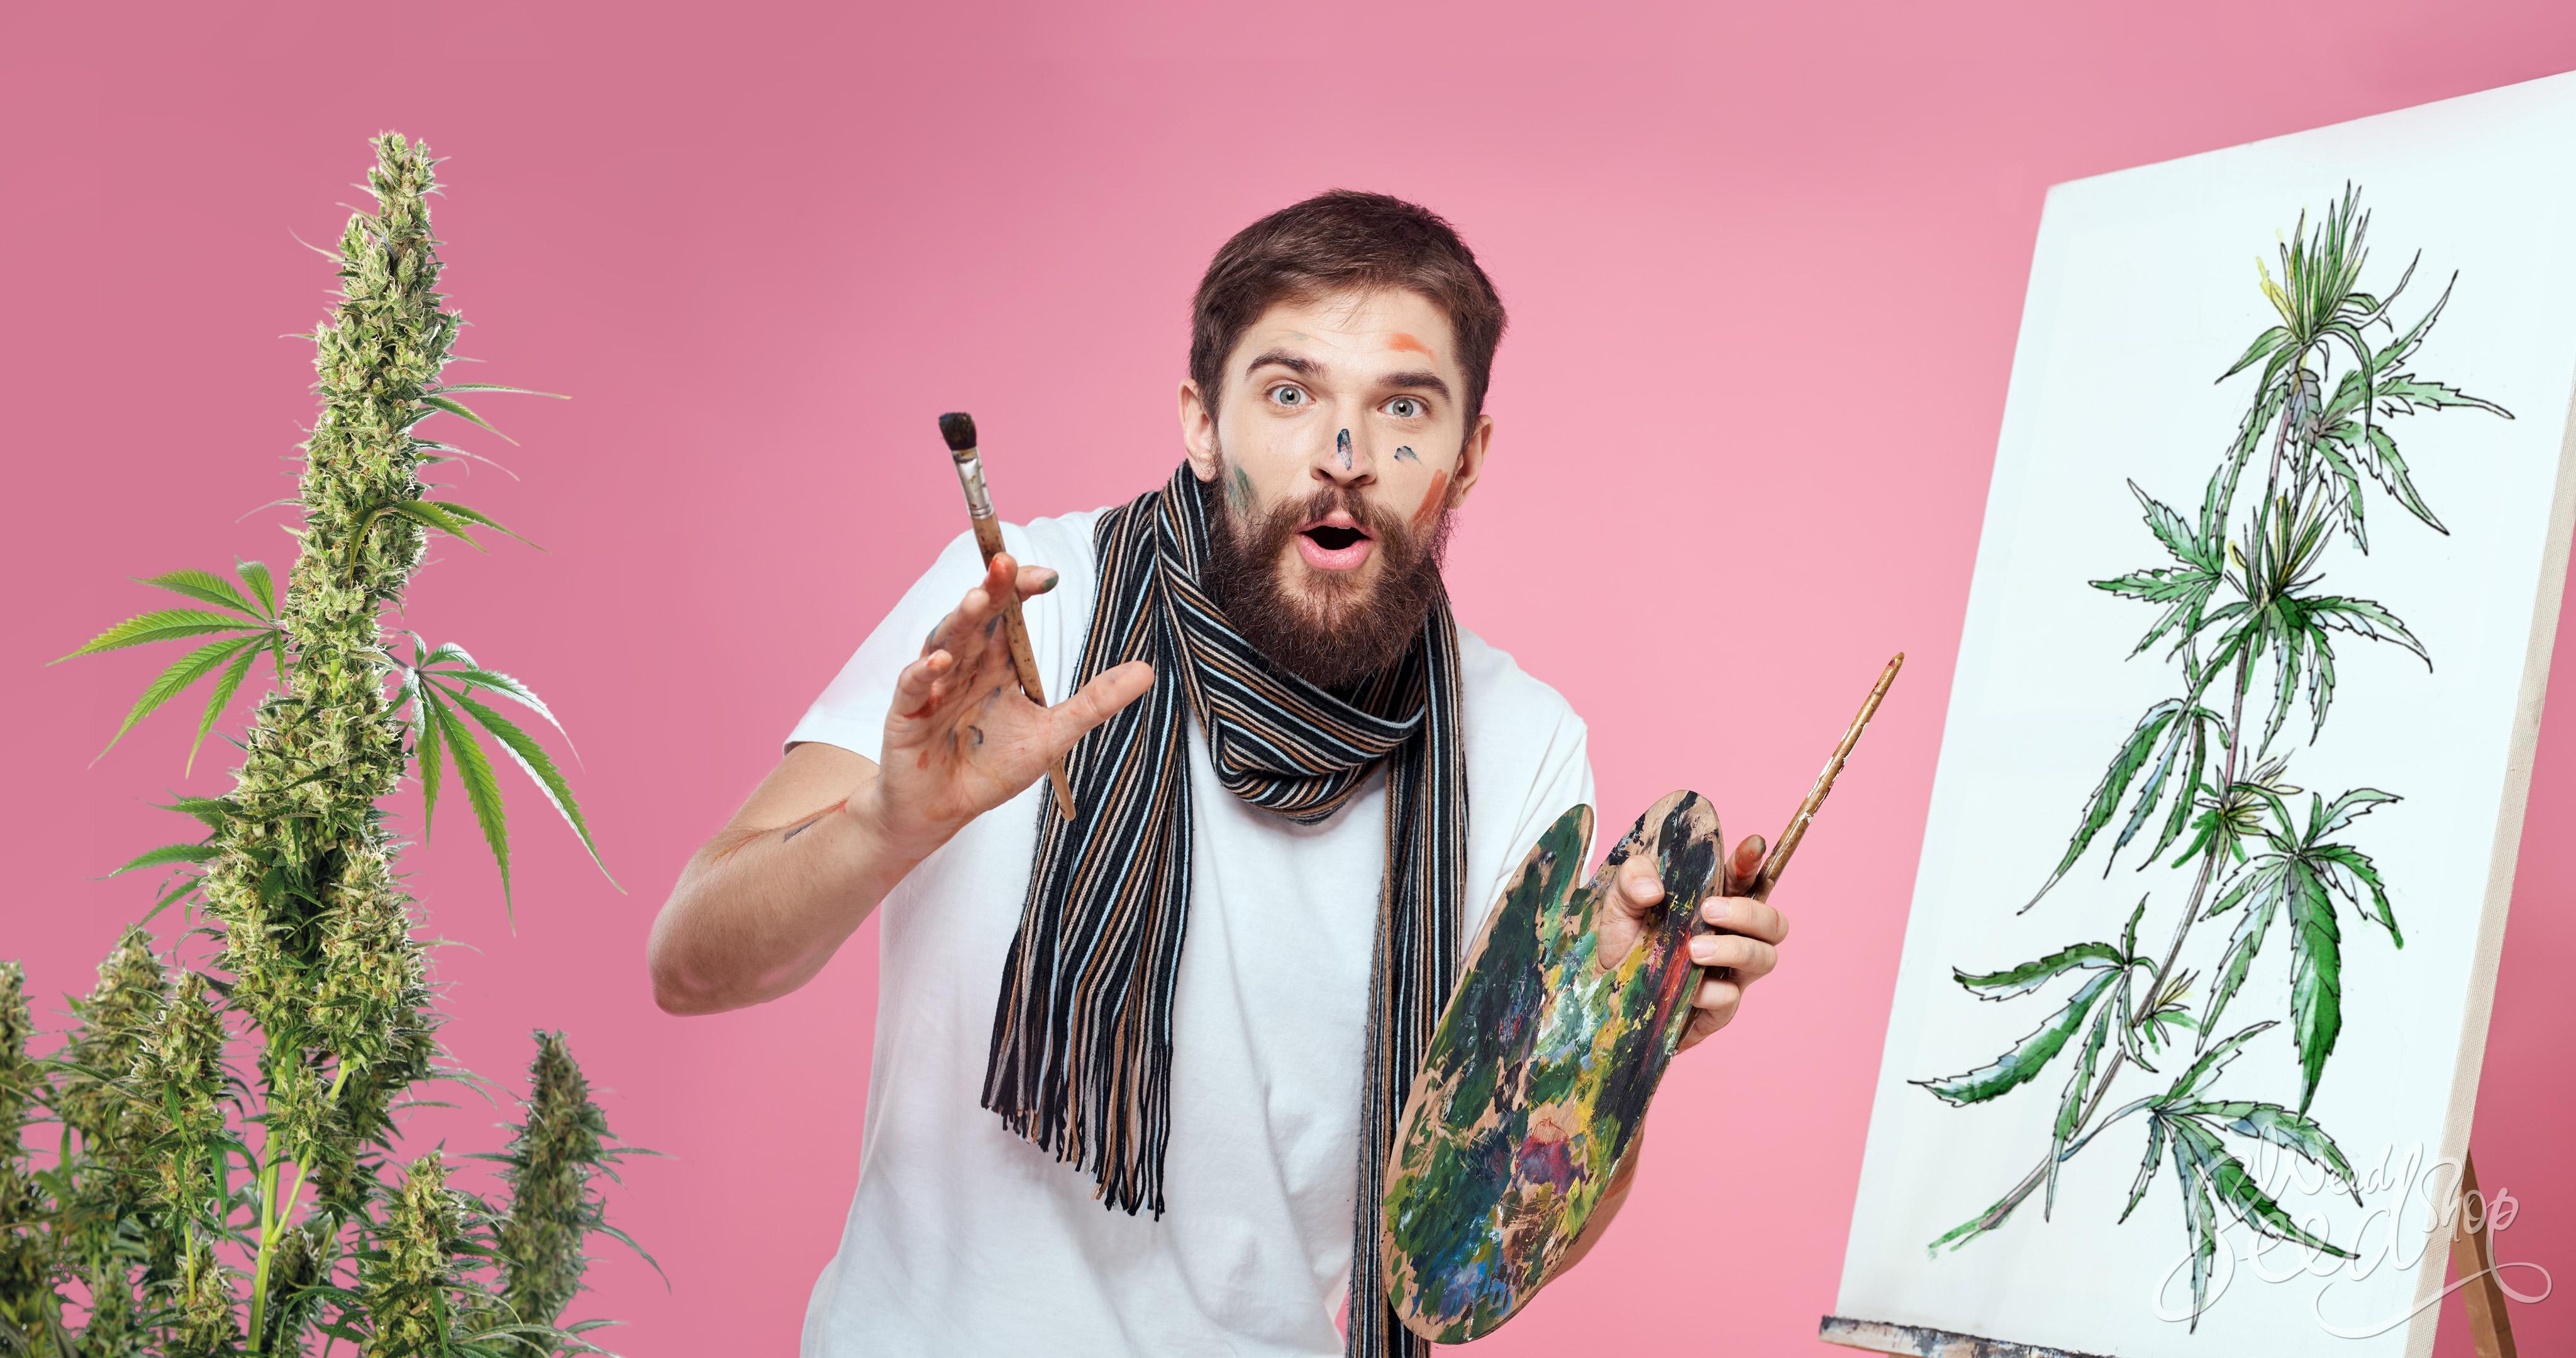 Le cannabis rend-il plus créatif ? - WeedSeedShop